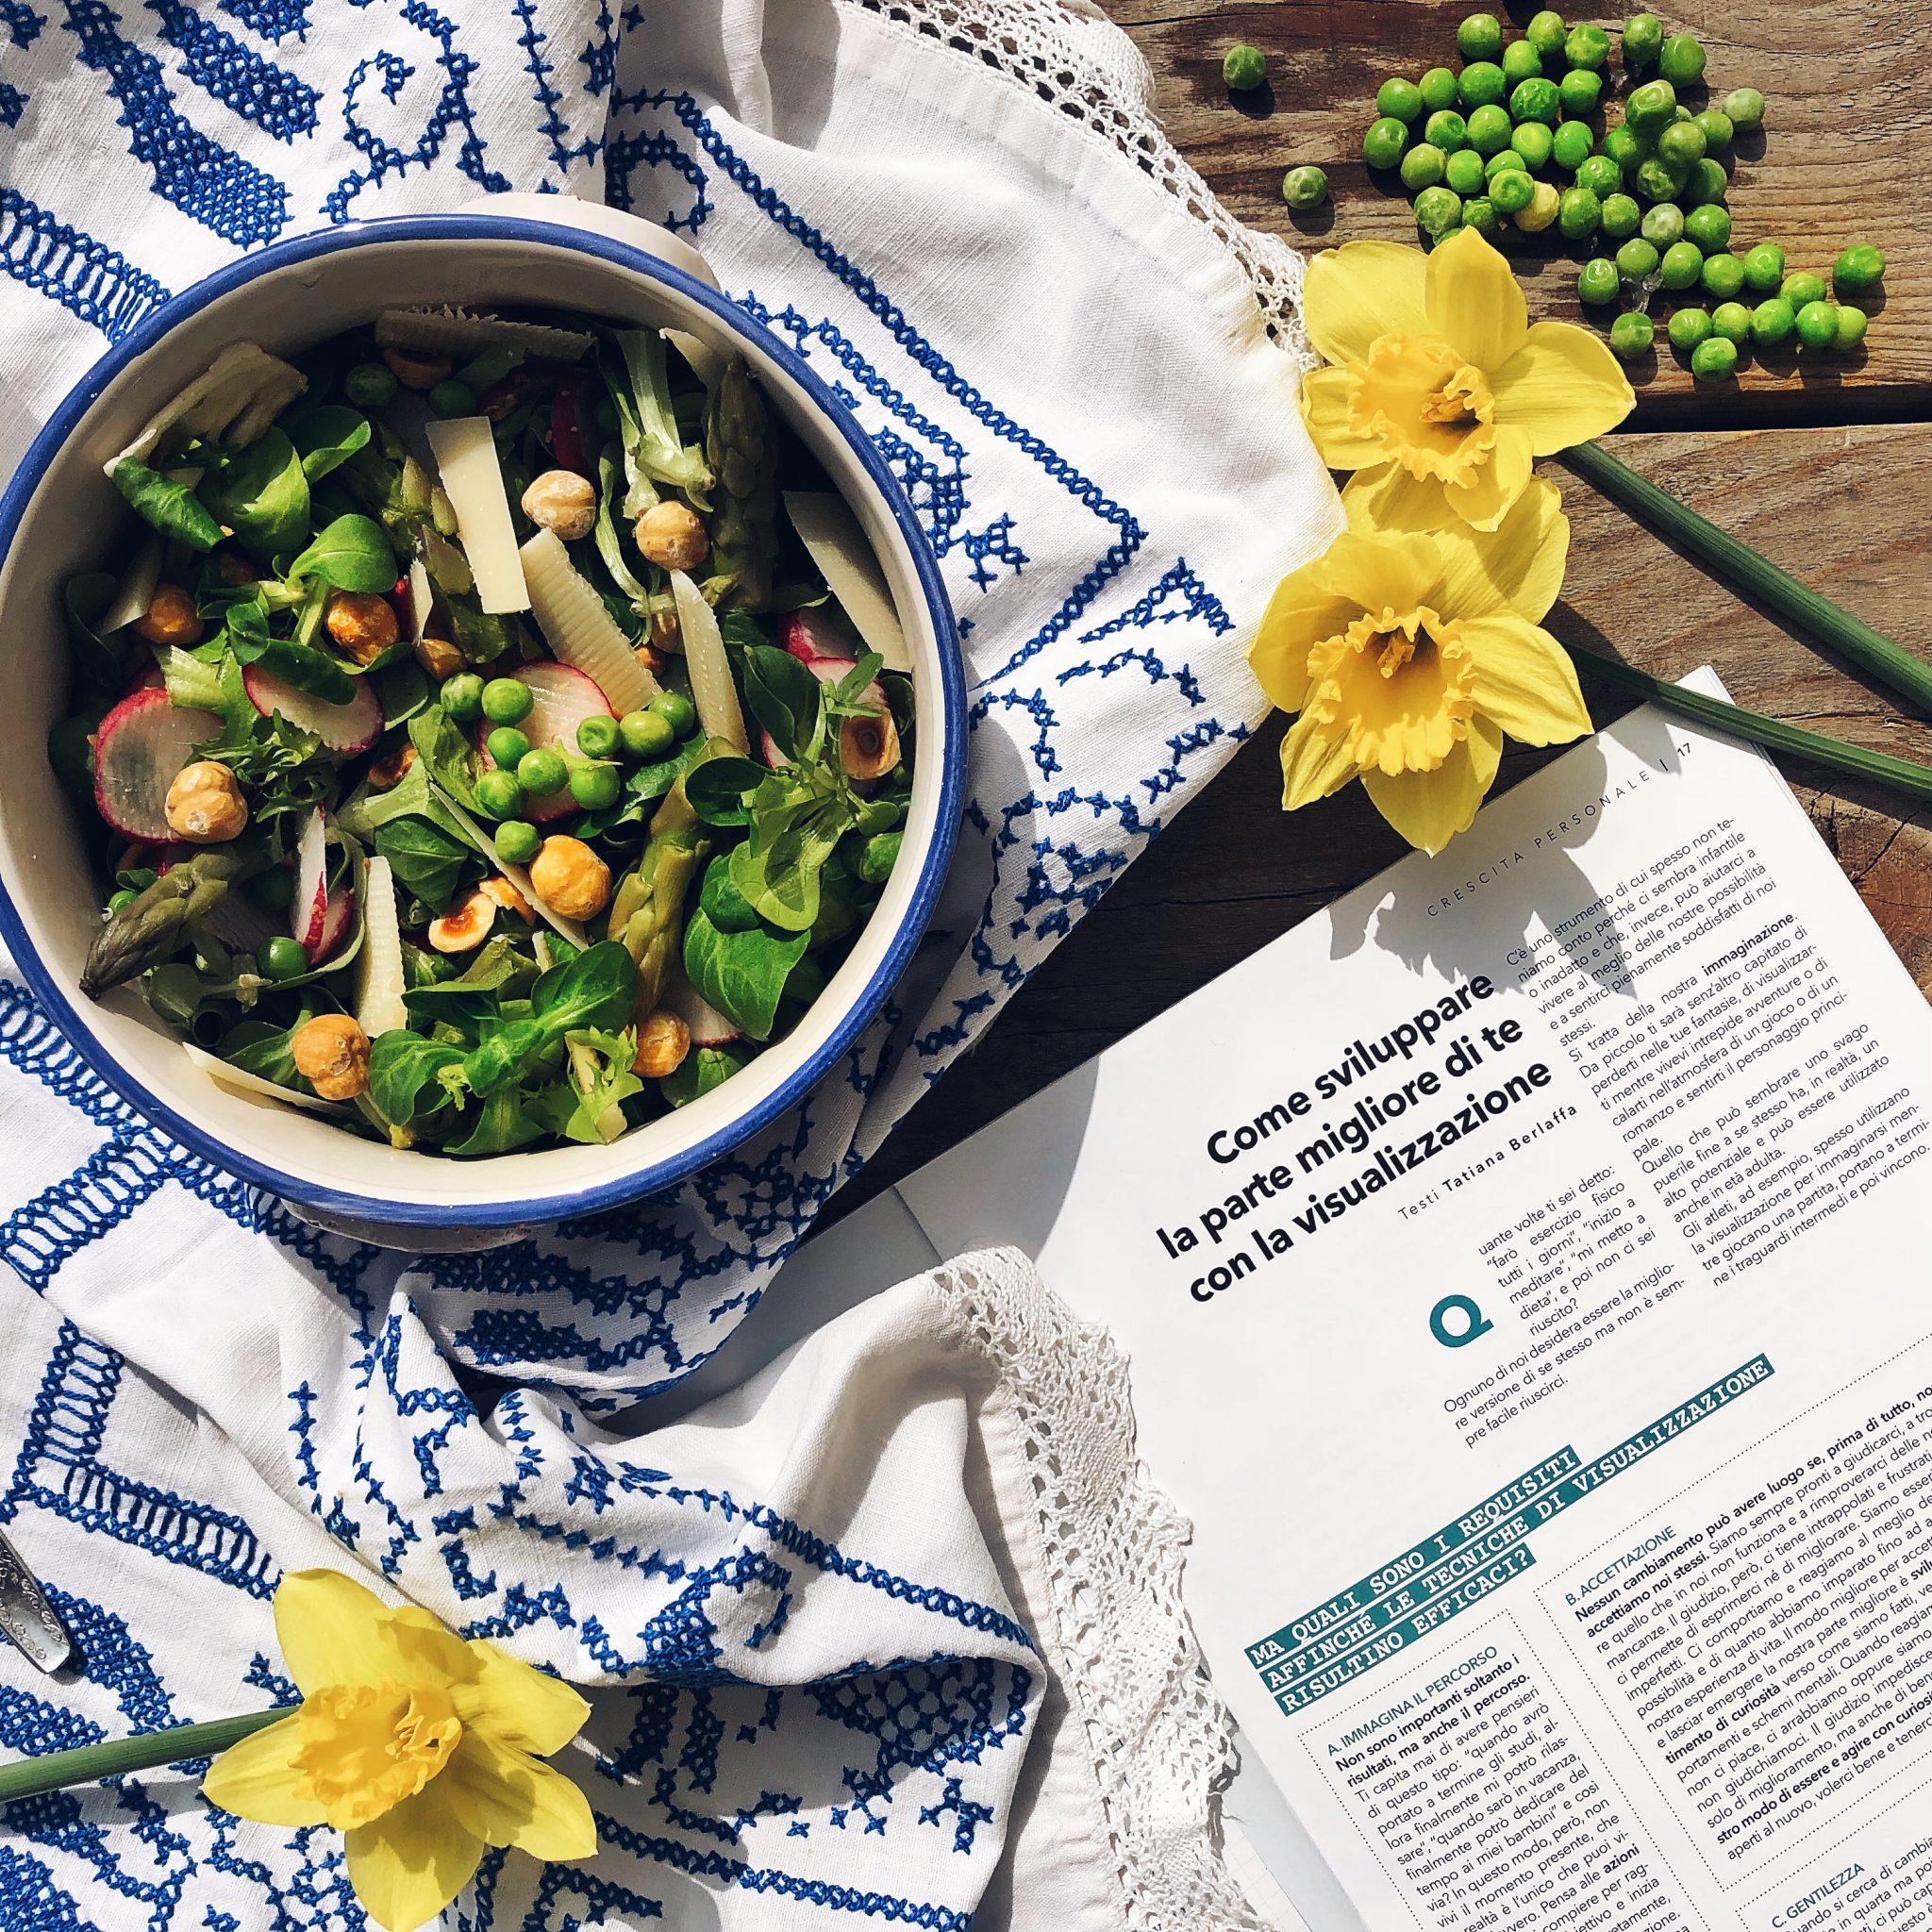 insalata con verdura, legumi, patate e pecorino accanto alla rivista Di Vita Magazine - tatianaberlaffa.com